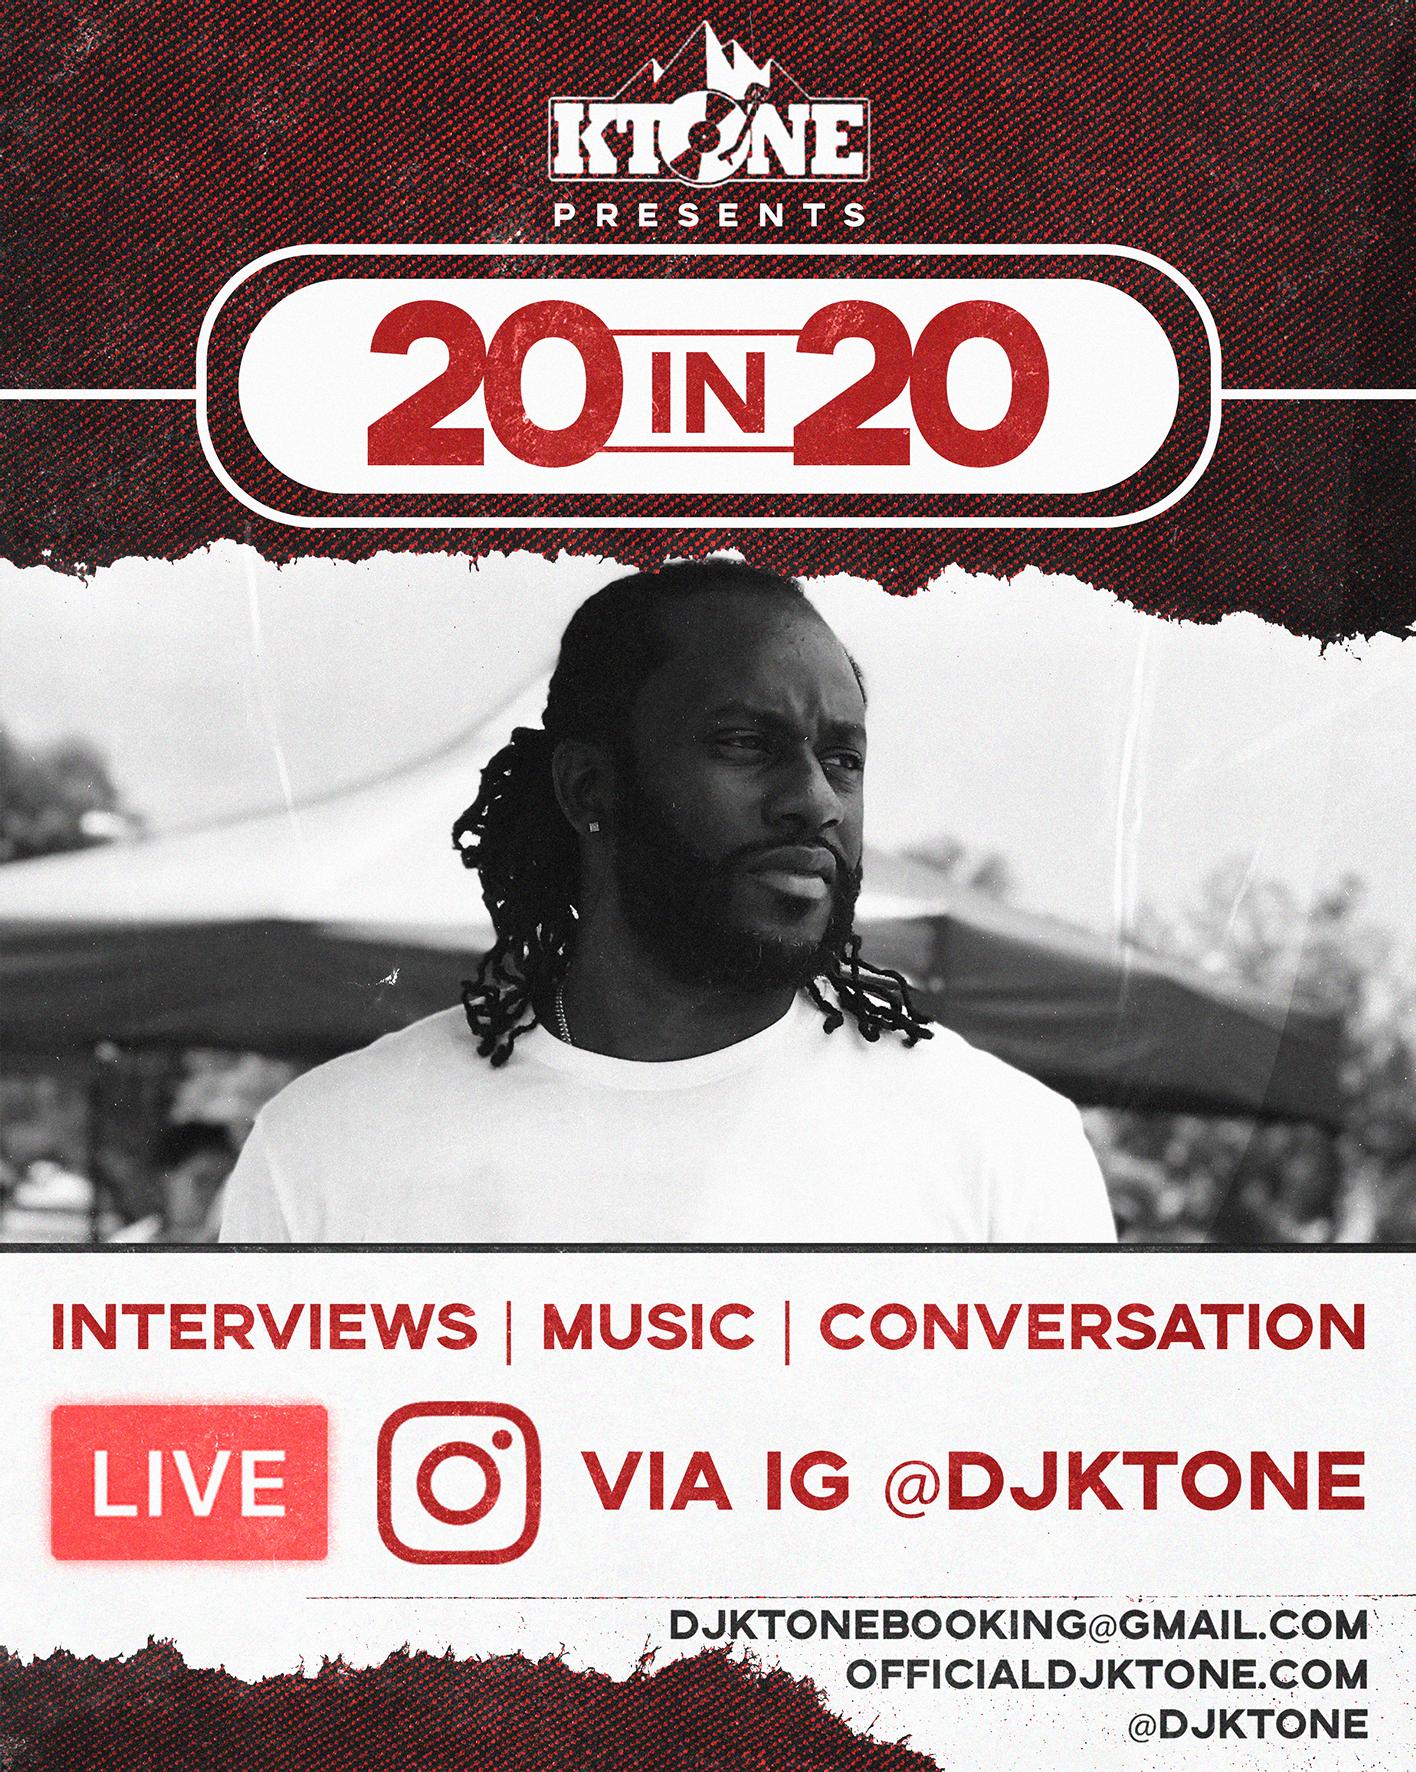 DJ Ktone 20 In 20